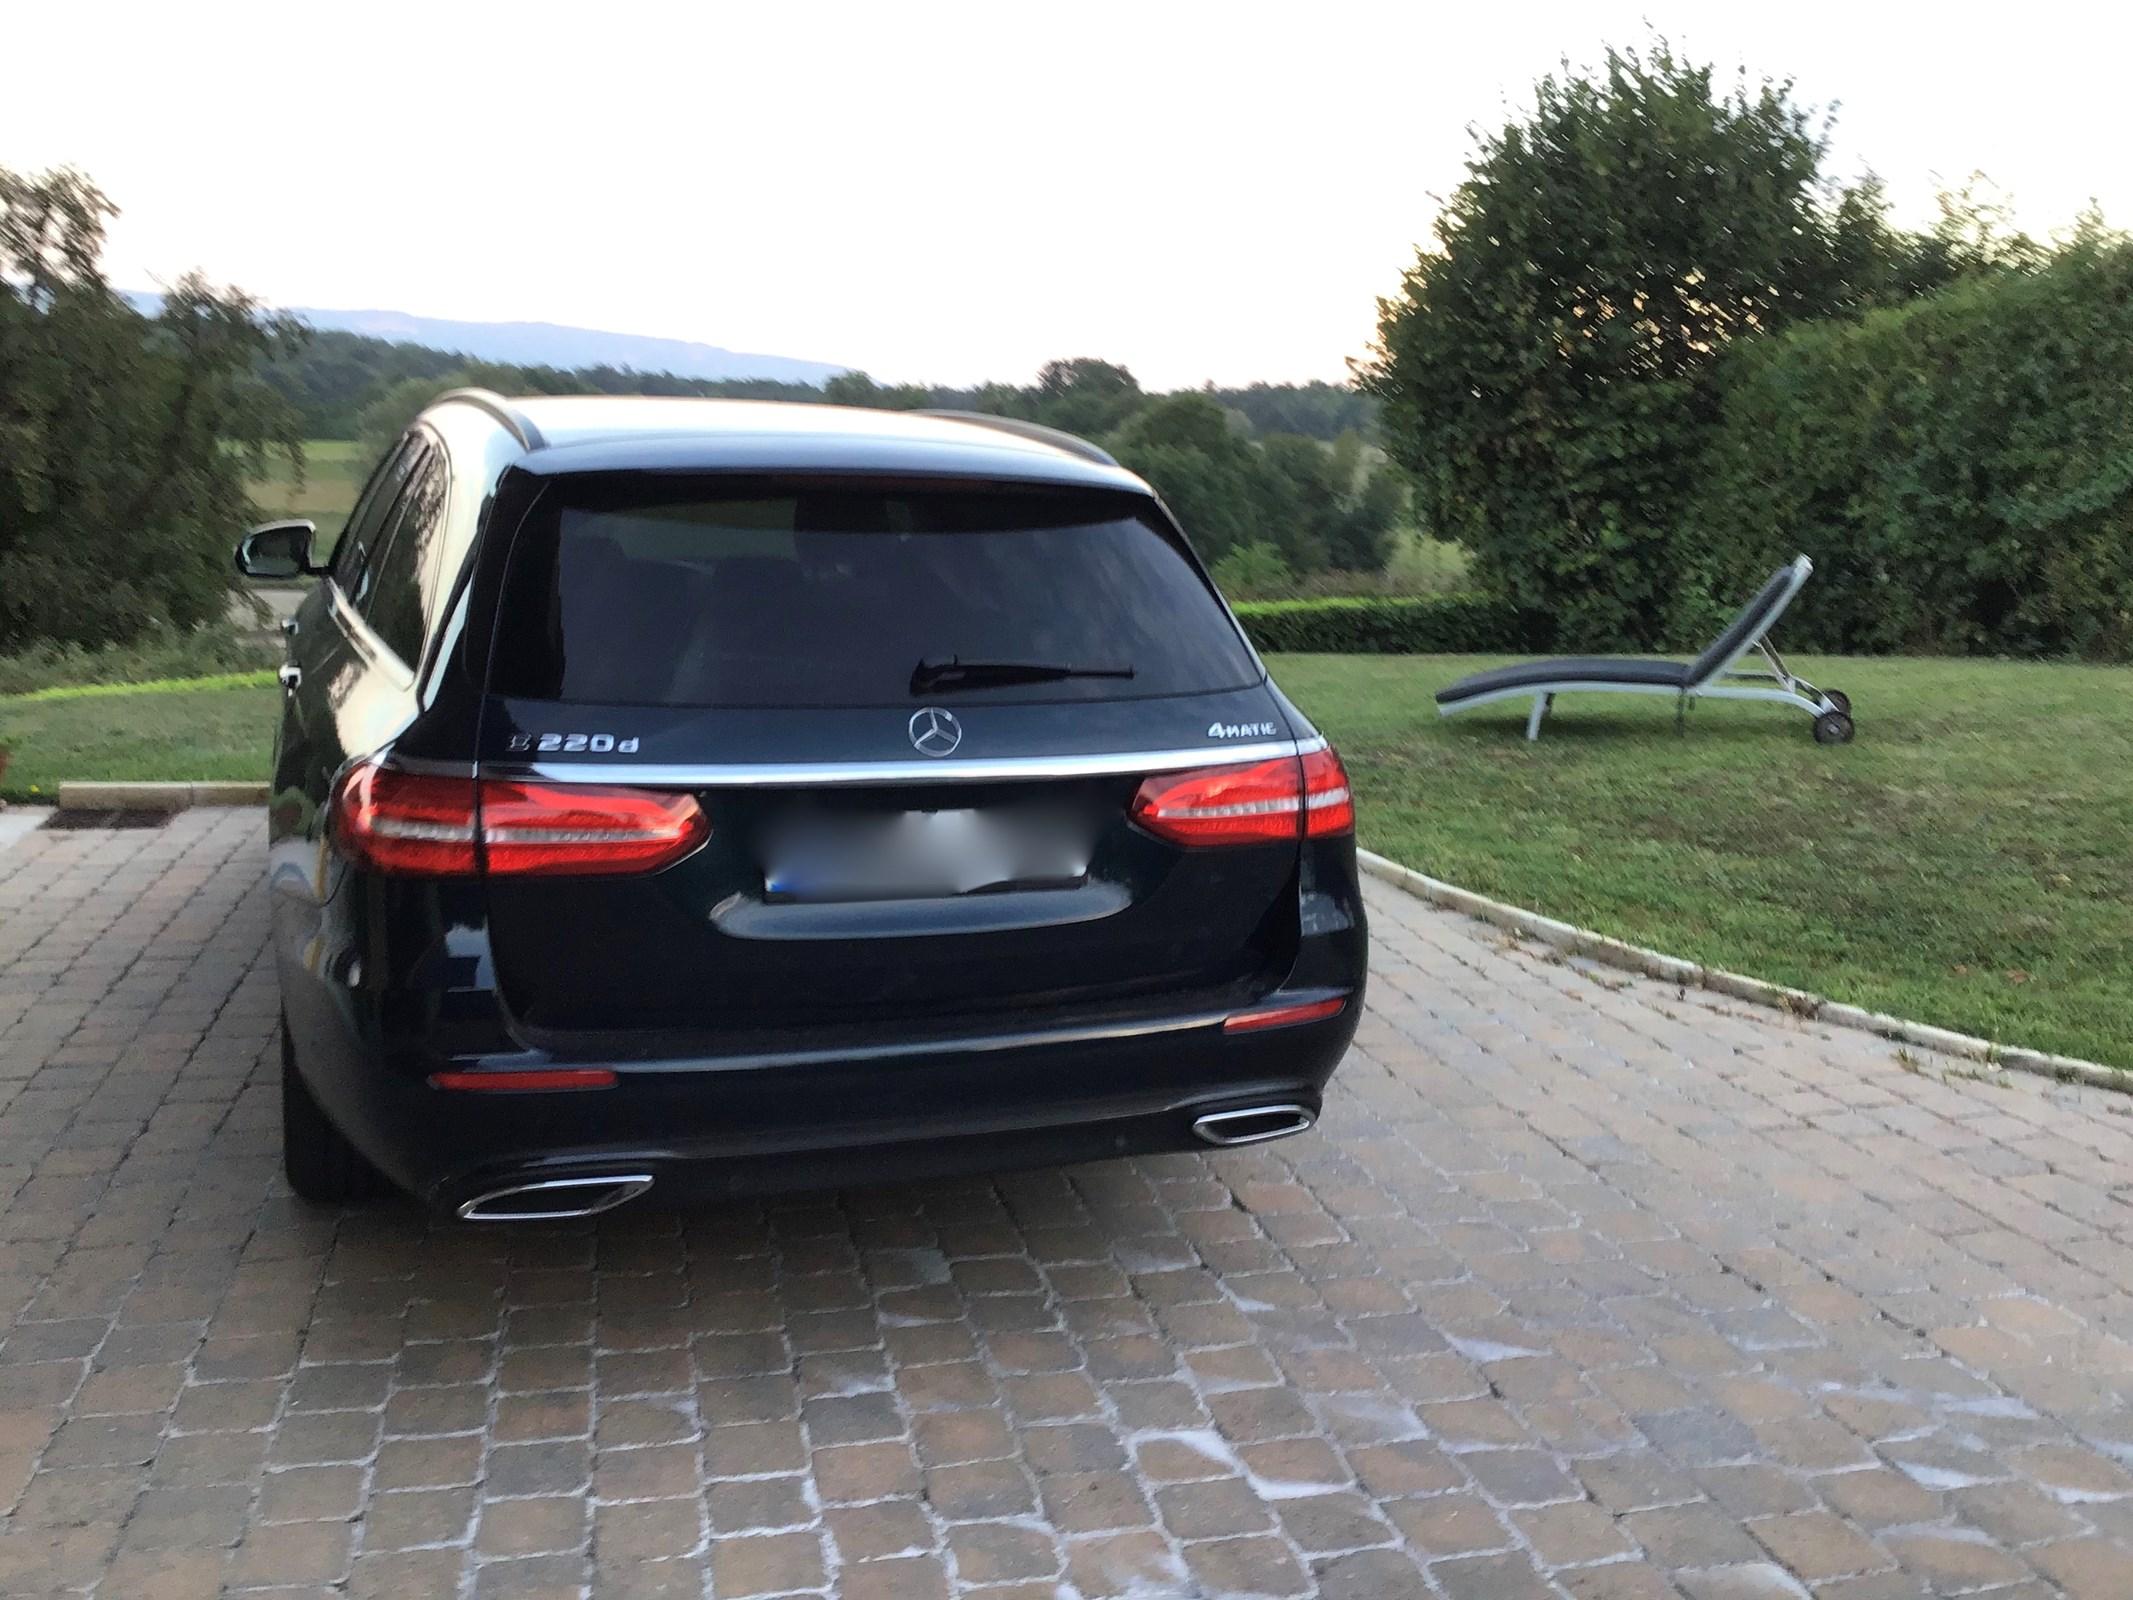 Mercedes-Benz E-Klasse S213 Kombi E 220 d Avantgarde 4matic